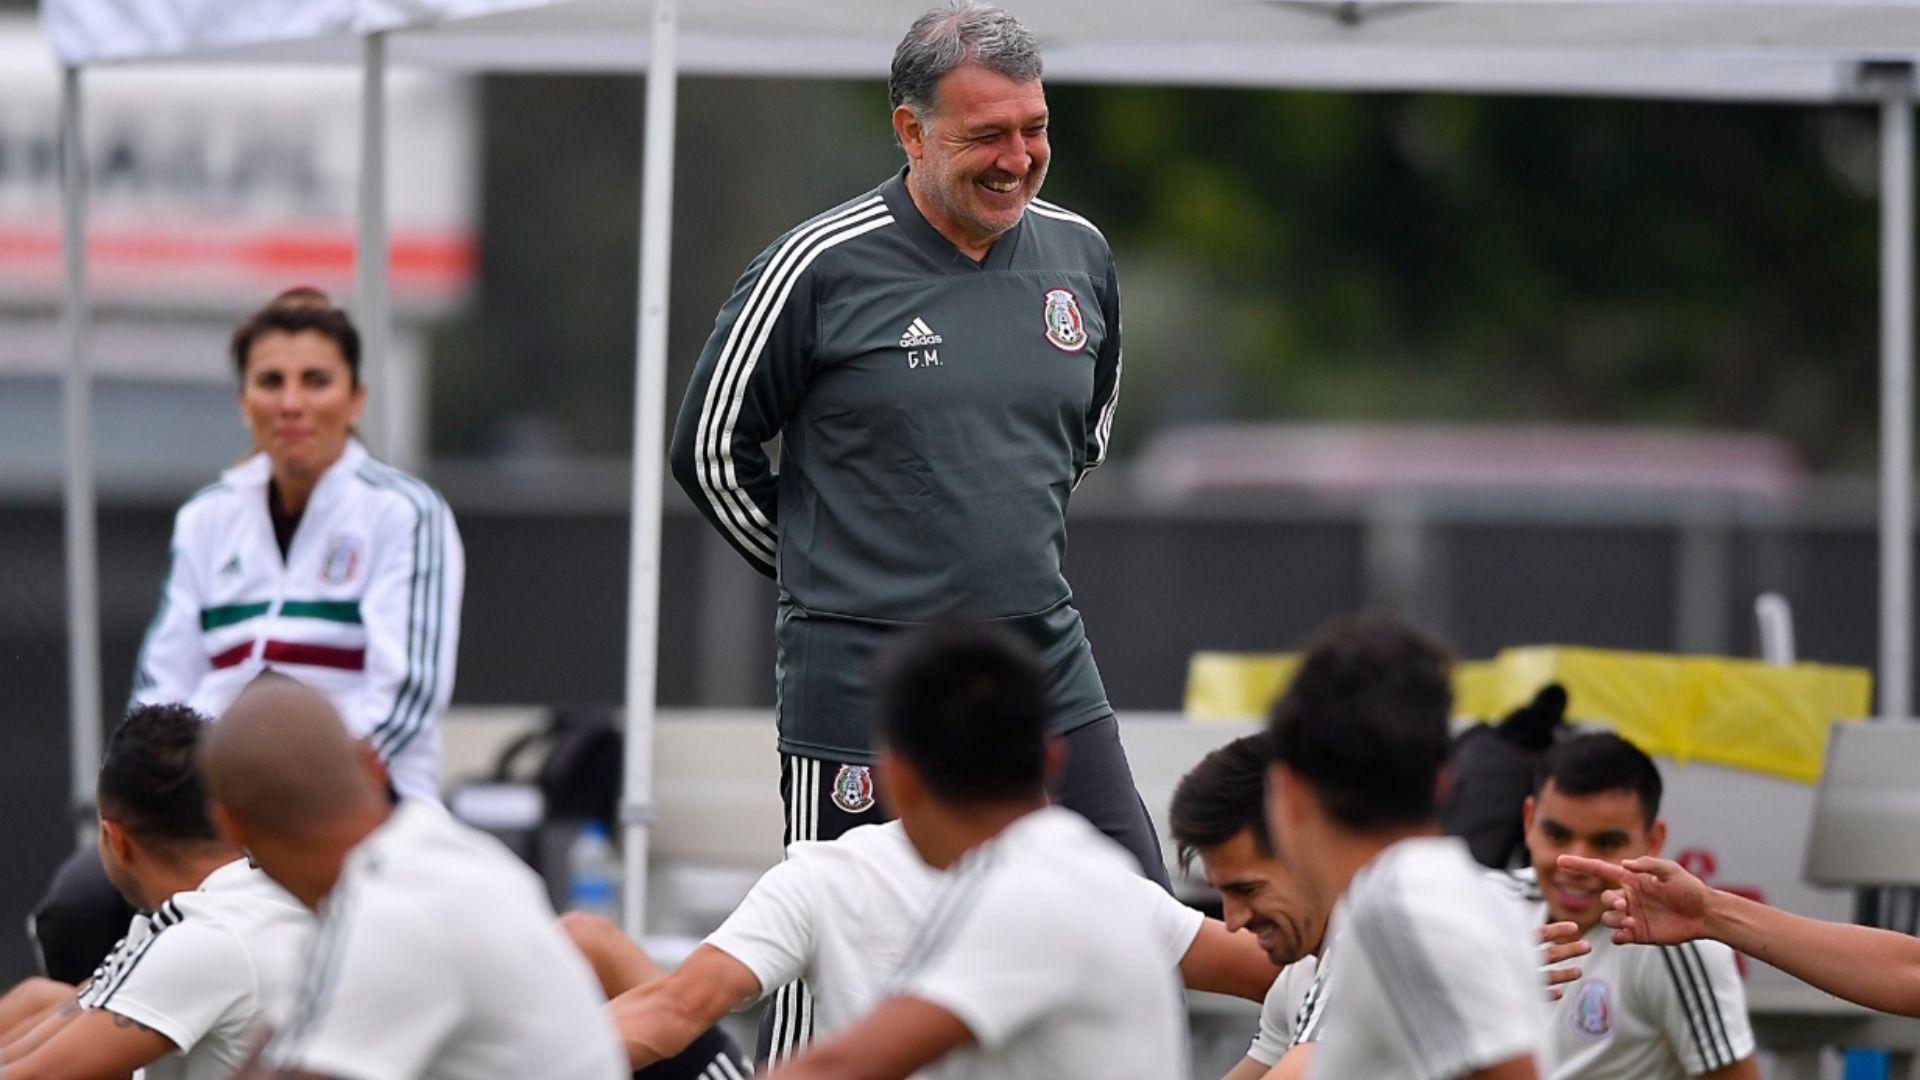 El DT argentino ha tenido buen desempeño en sus primeros partidos amistosos (Foto: Cortesía FMF)